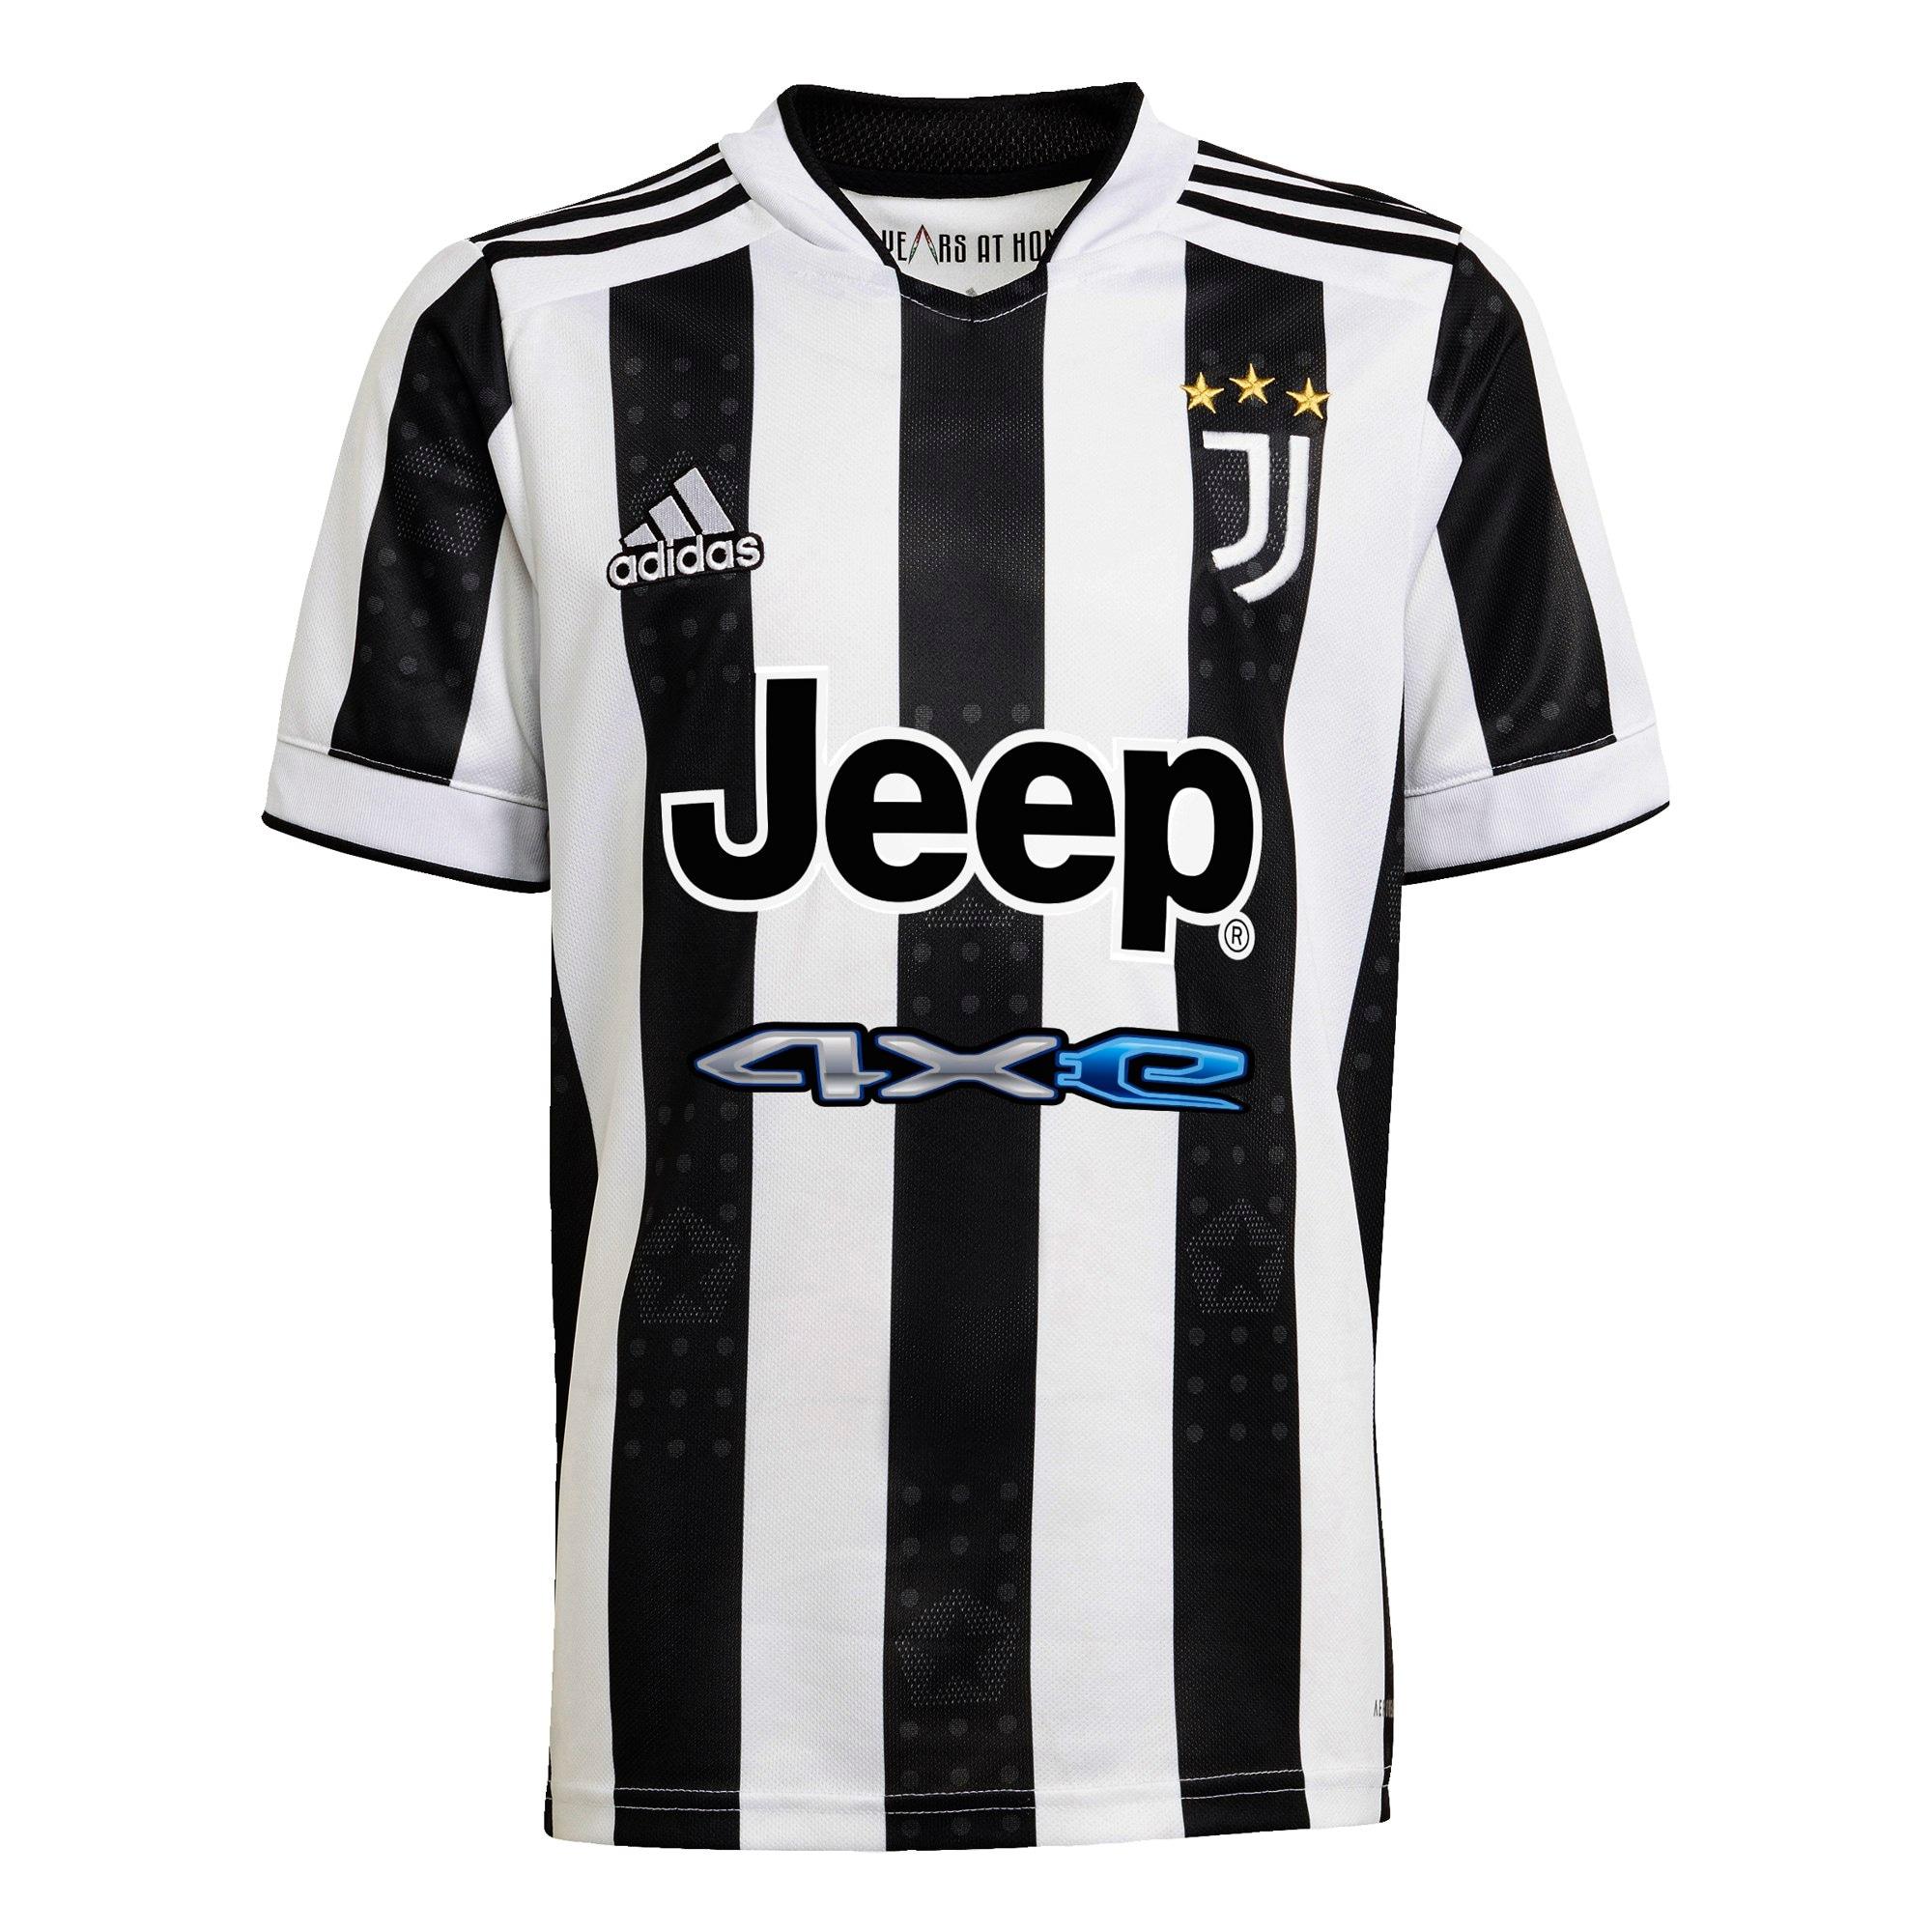 ADIDAS PERFORMANCE Sportiniai marškinėliai 'Juventus Turin 21/22' balta / juoda